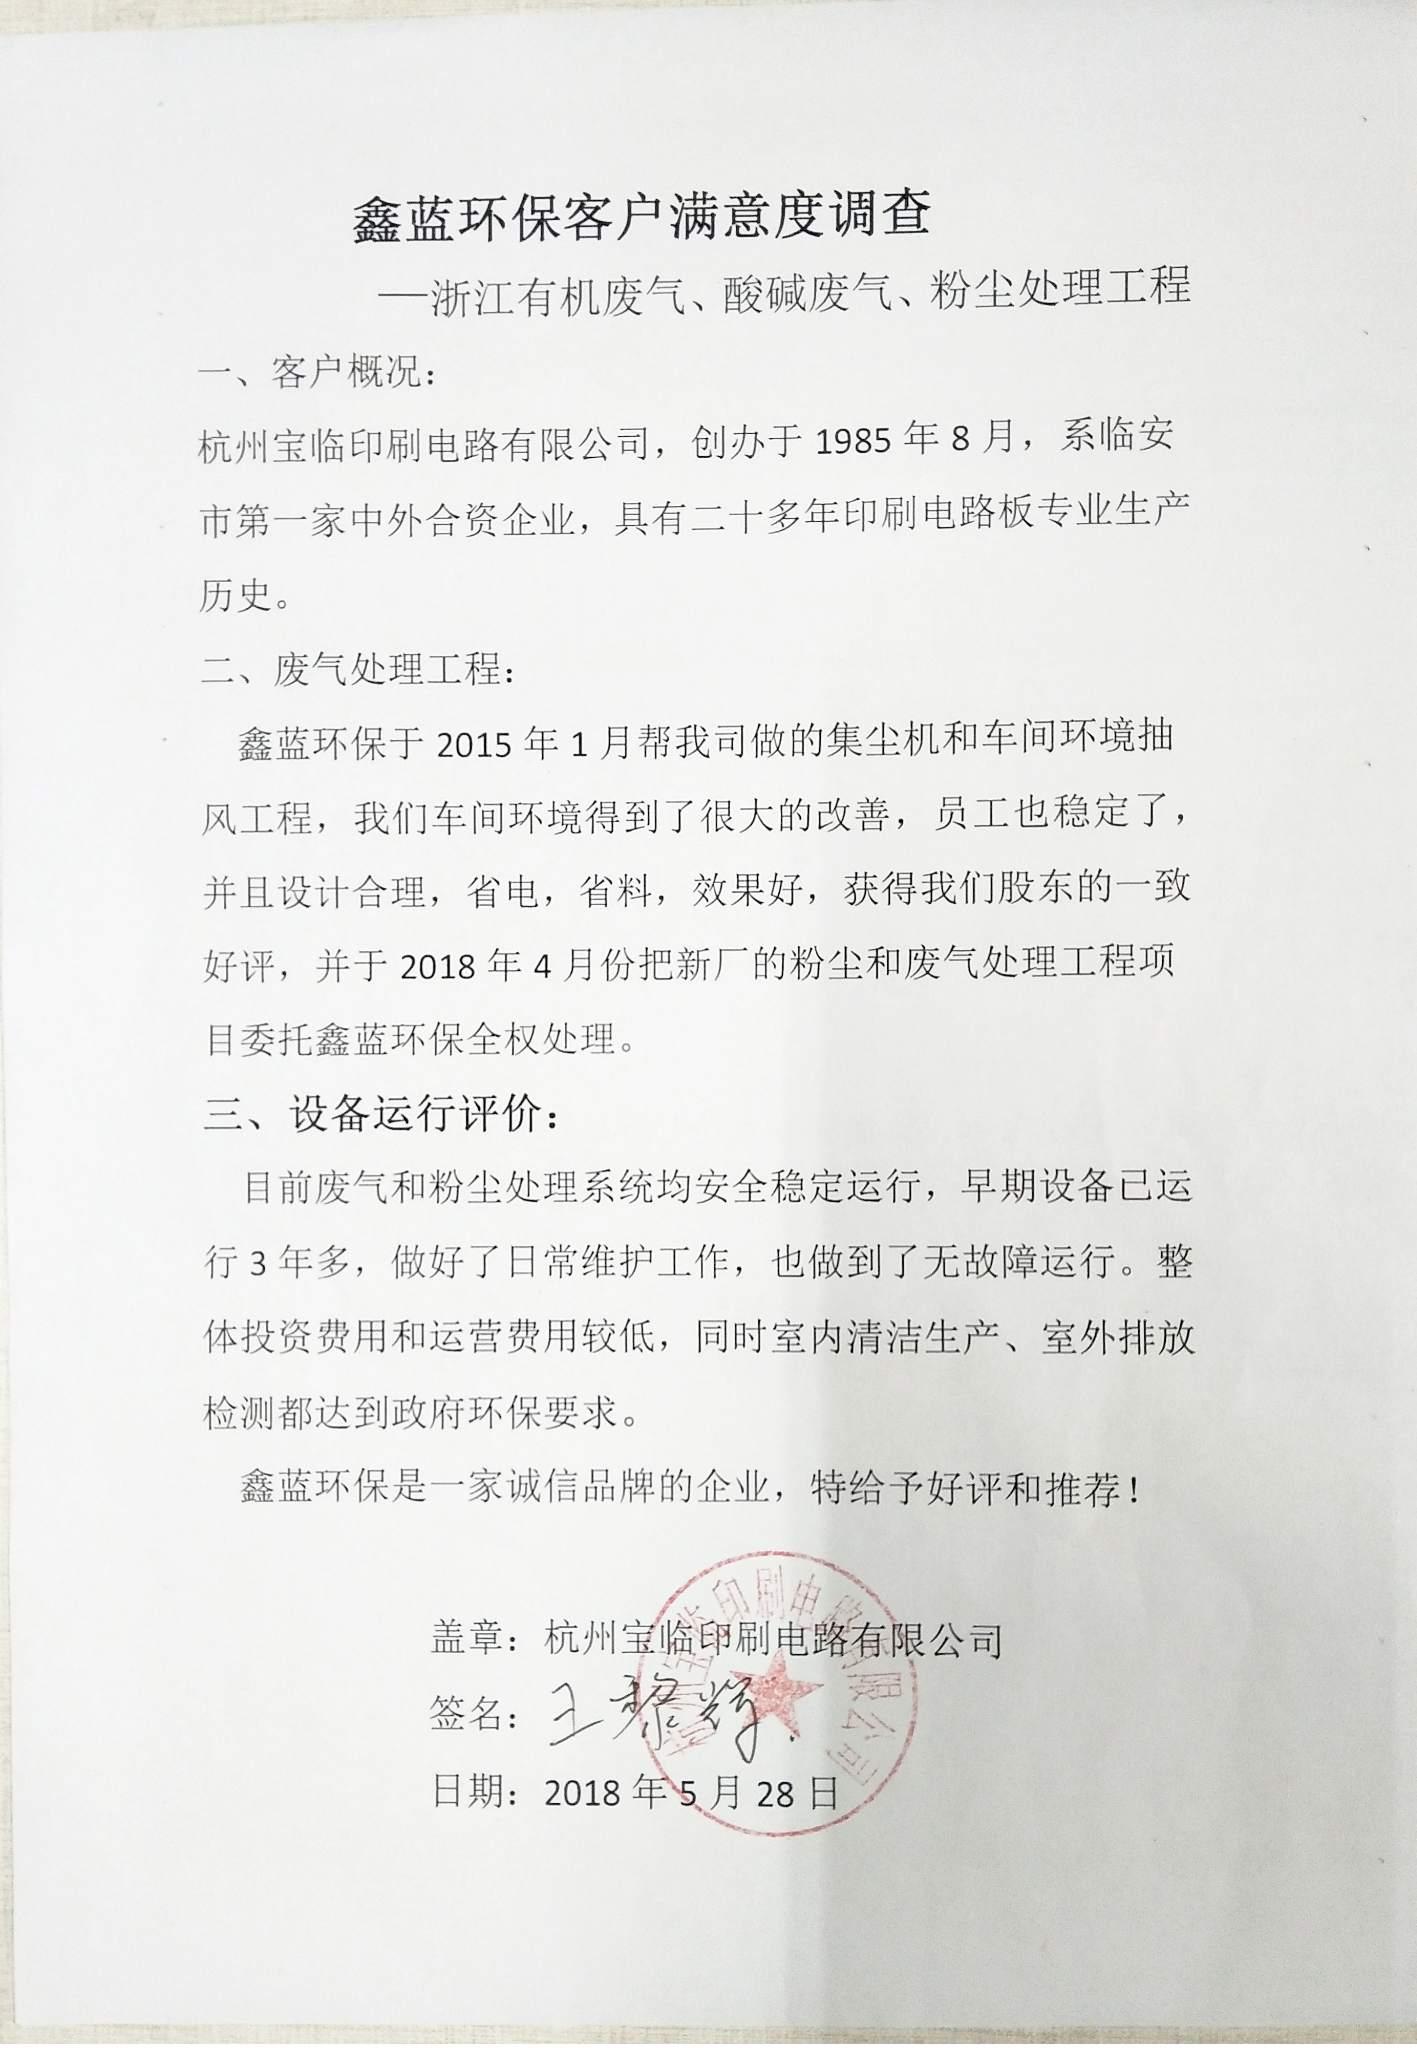 杭州宝临印刷电路有限公司客户满意度调查